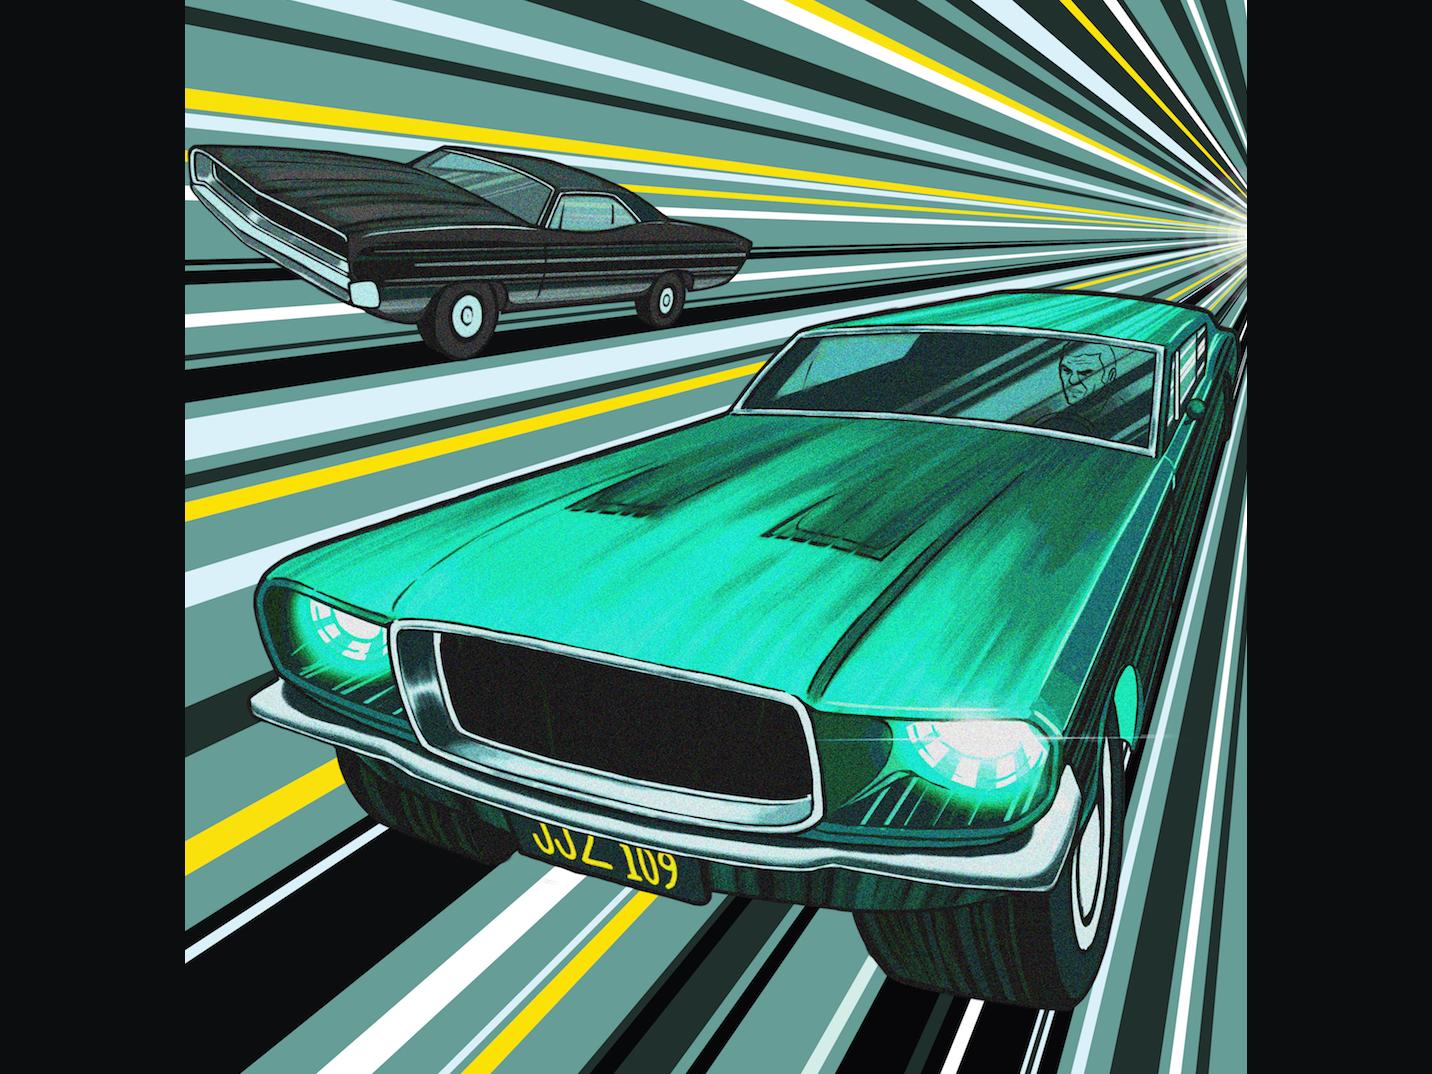 Steve McQueen Illustration: Bullitt muscle cars art poster movies bullitt steve mcqueen cars action illustration